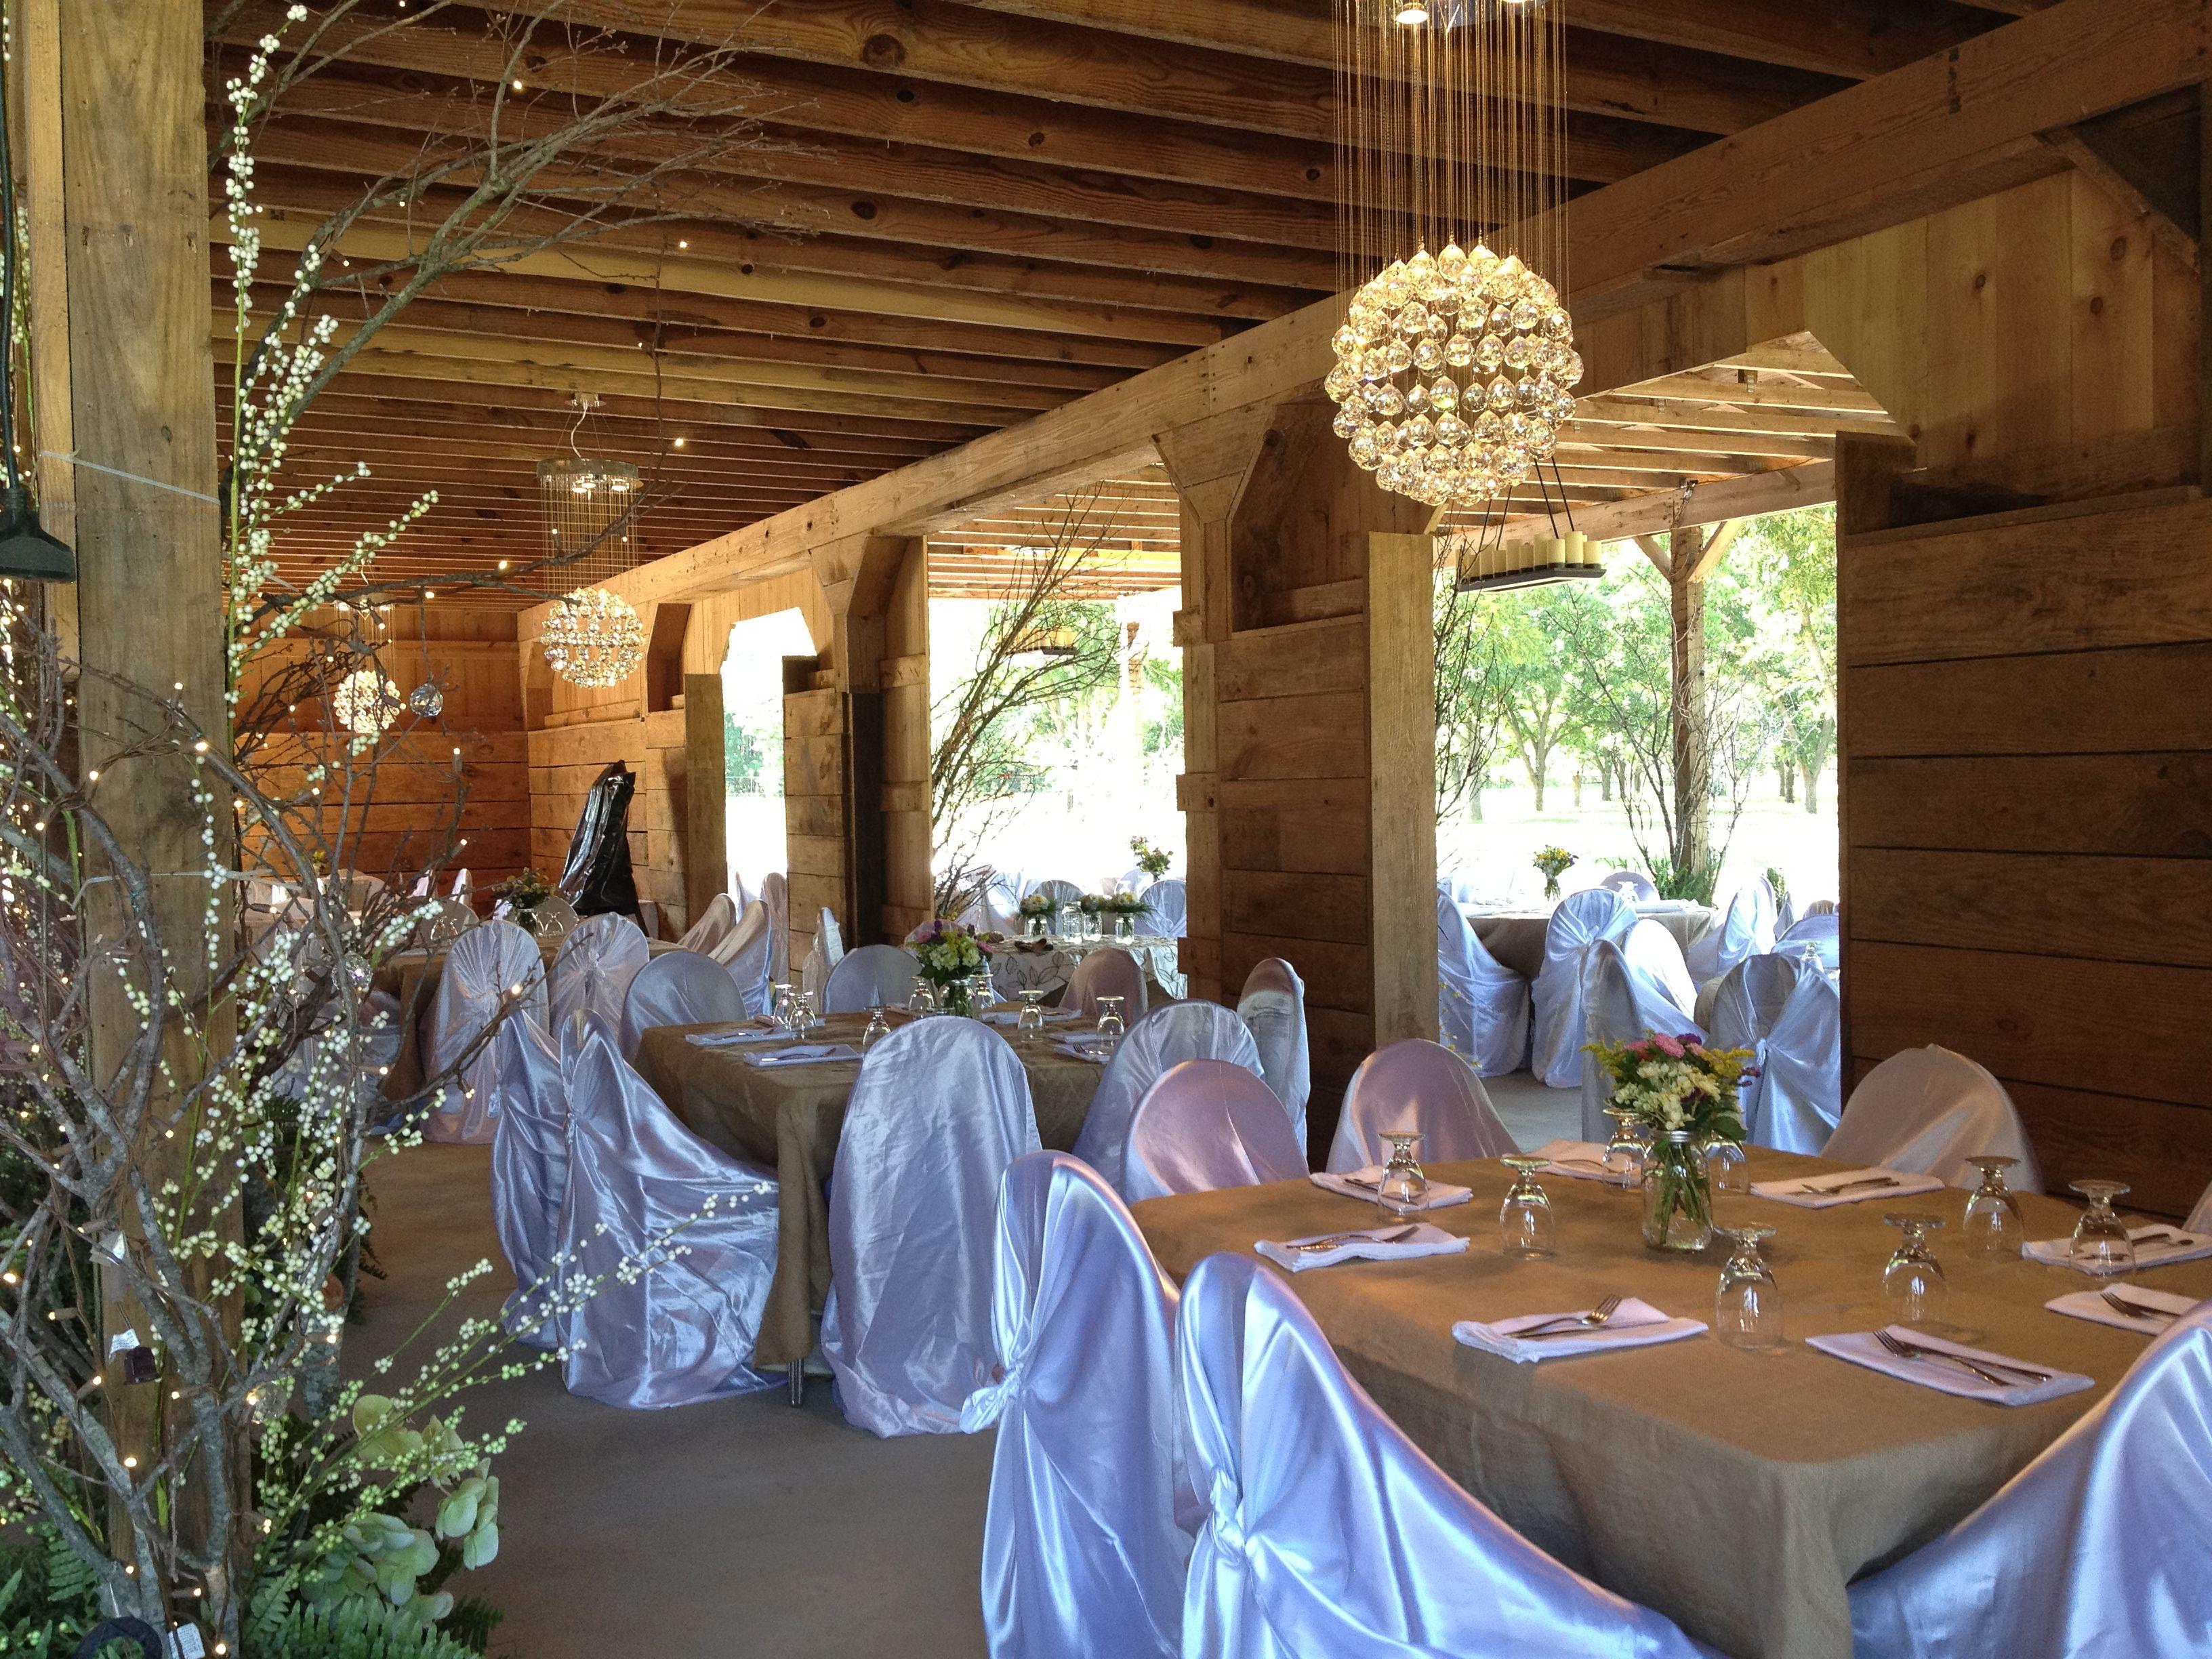 Perrys Landing Augusta Ga Love This Look Wedding Venues